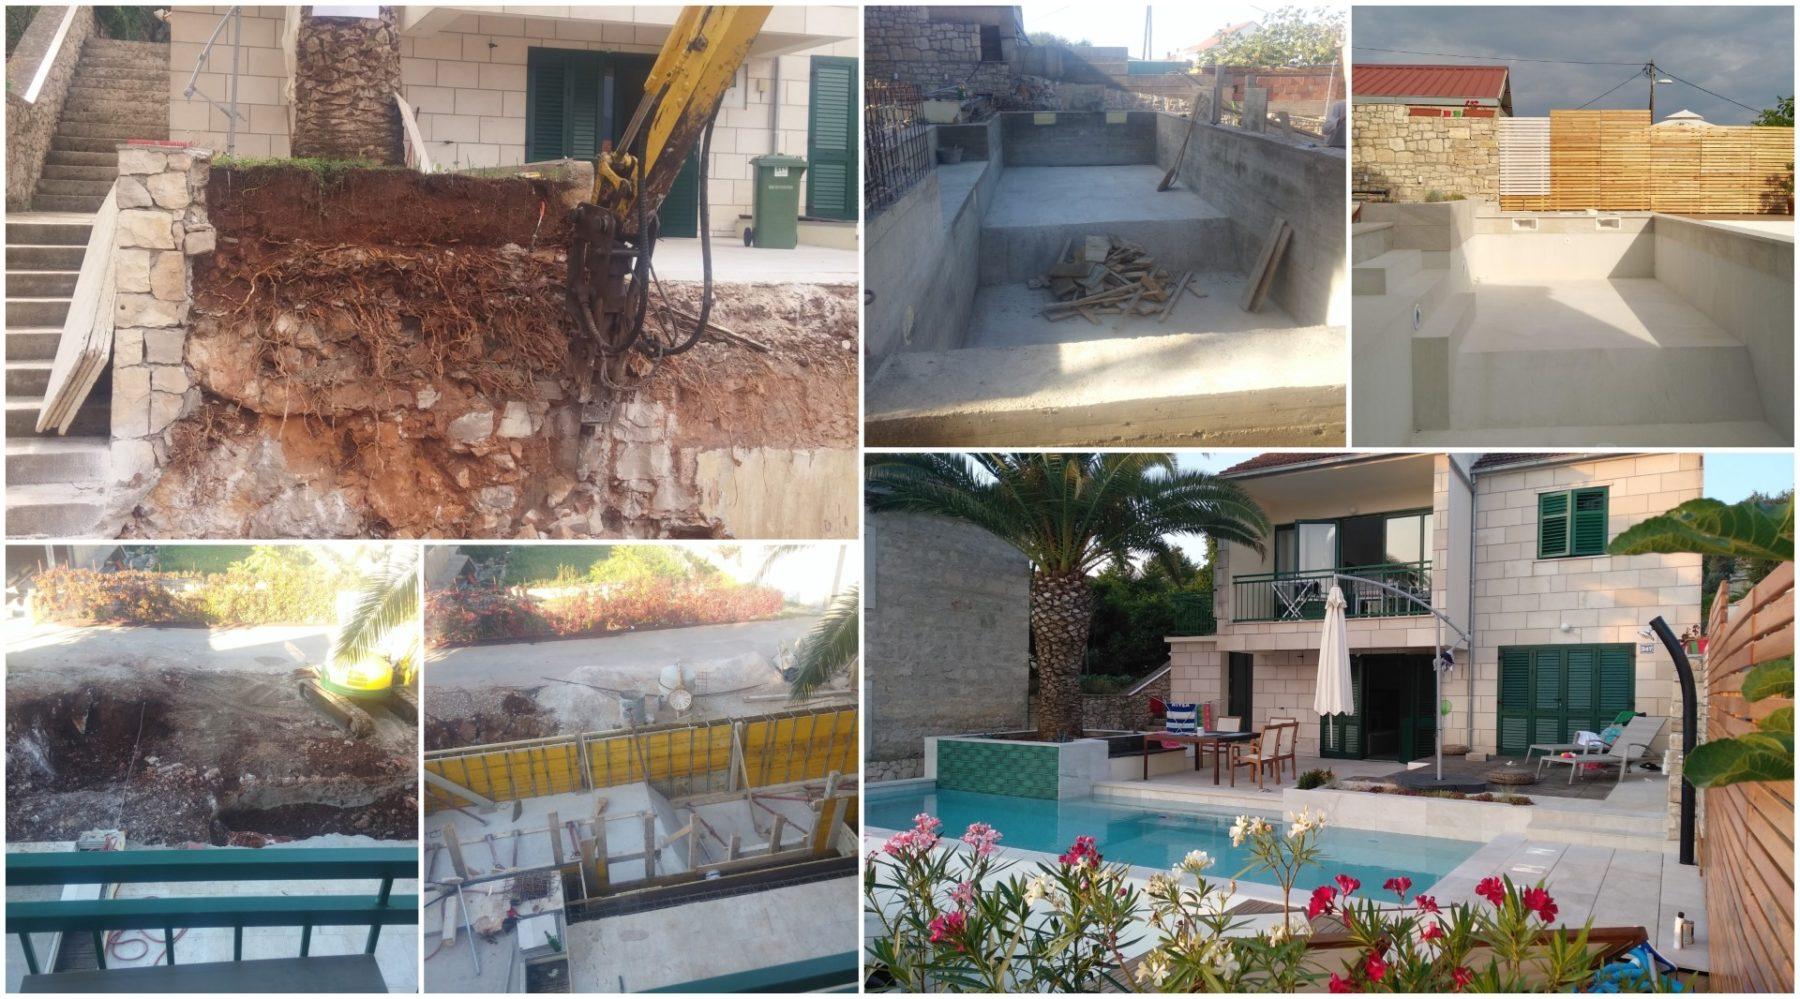 postupak gradnje bazena